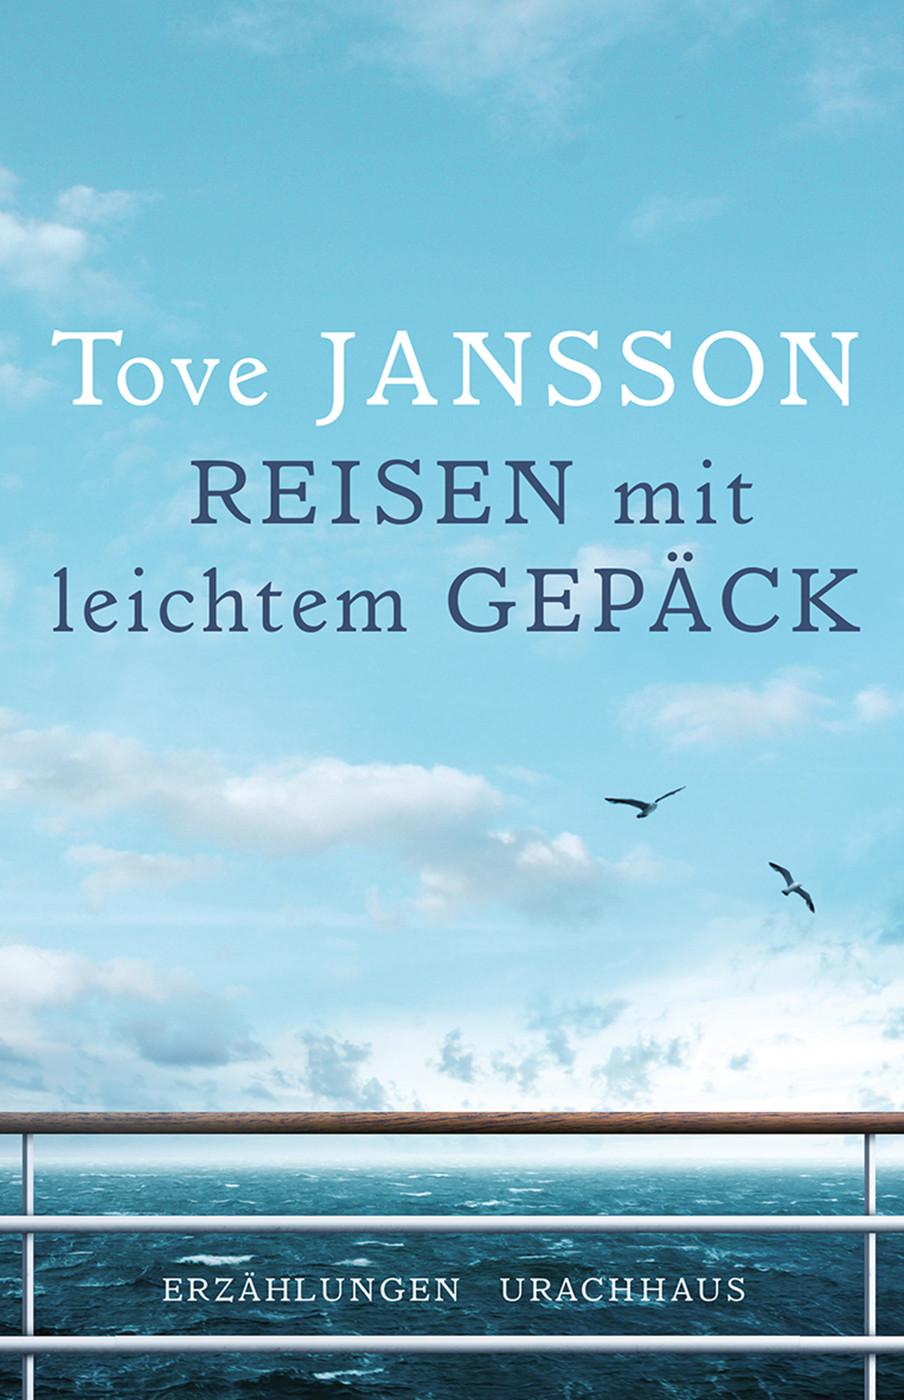 Tove Jansson Reisen mit leichtem Gepäck anna jansson ilusalongi saatusejumalanna